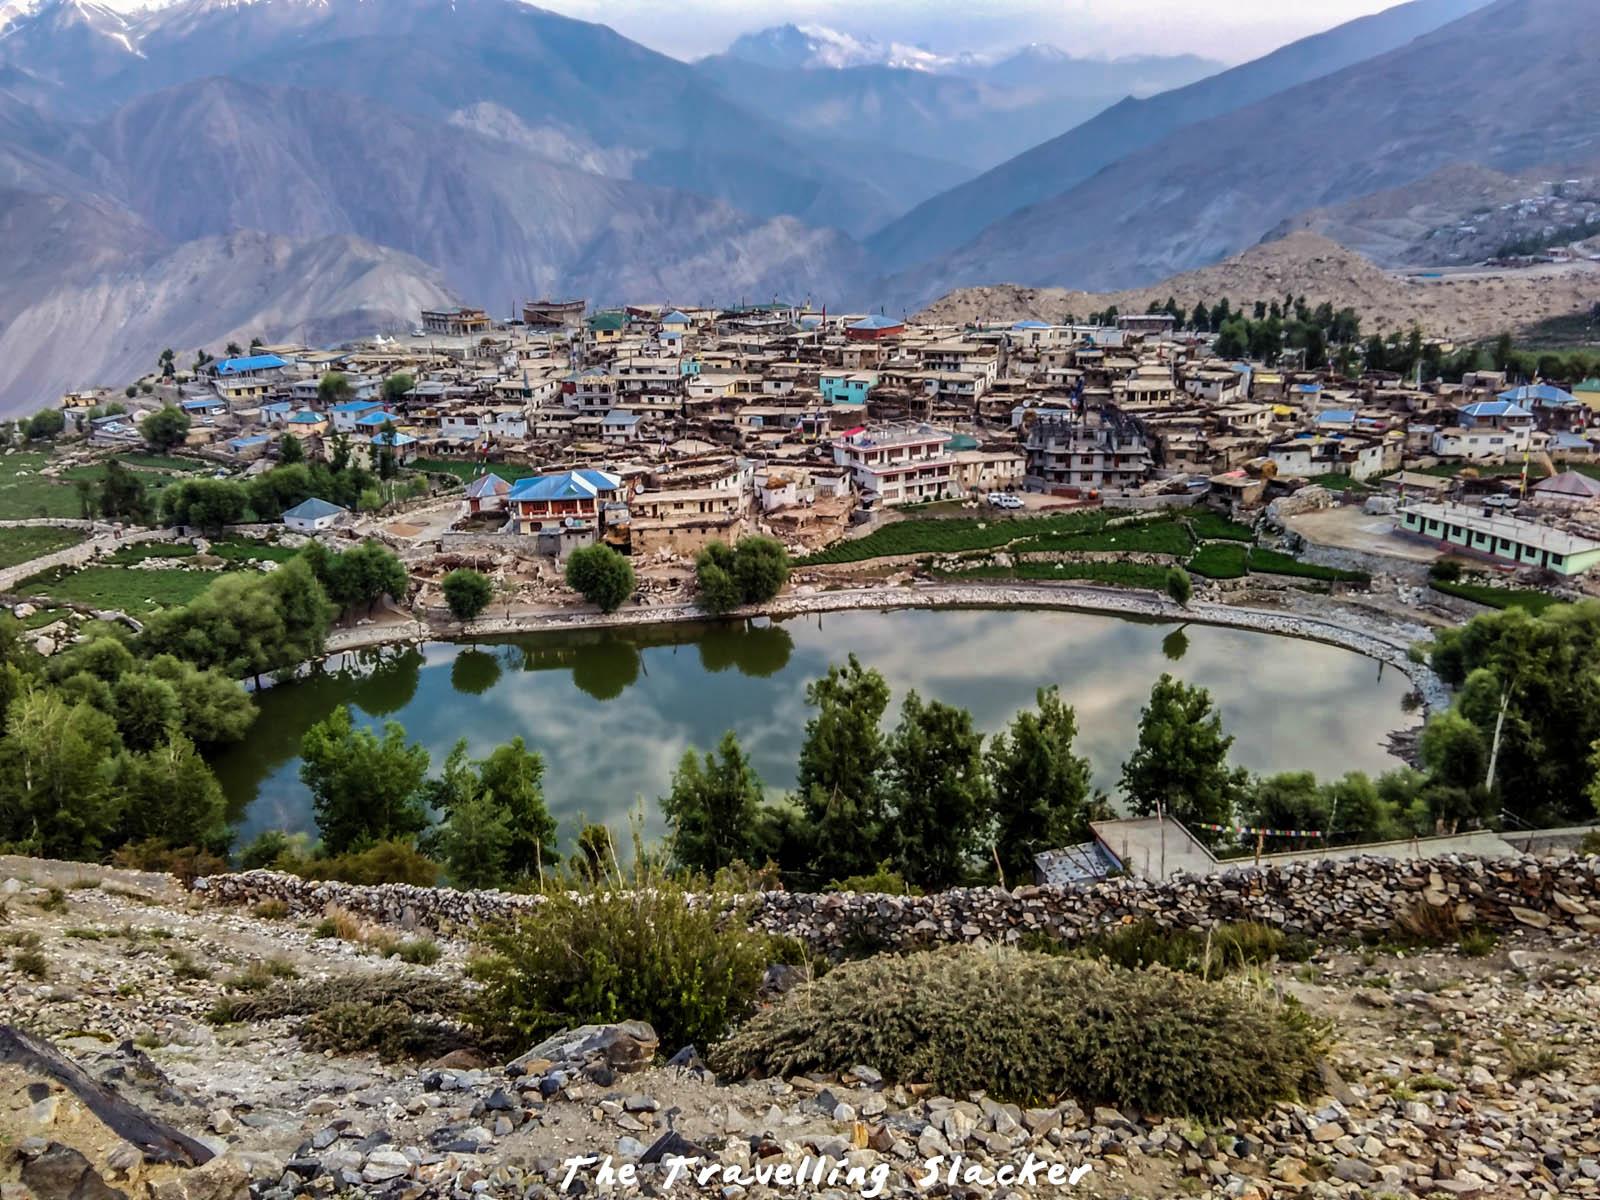 Nako - Kaza (Via Dhankar)